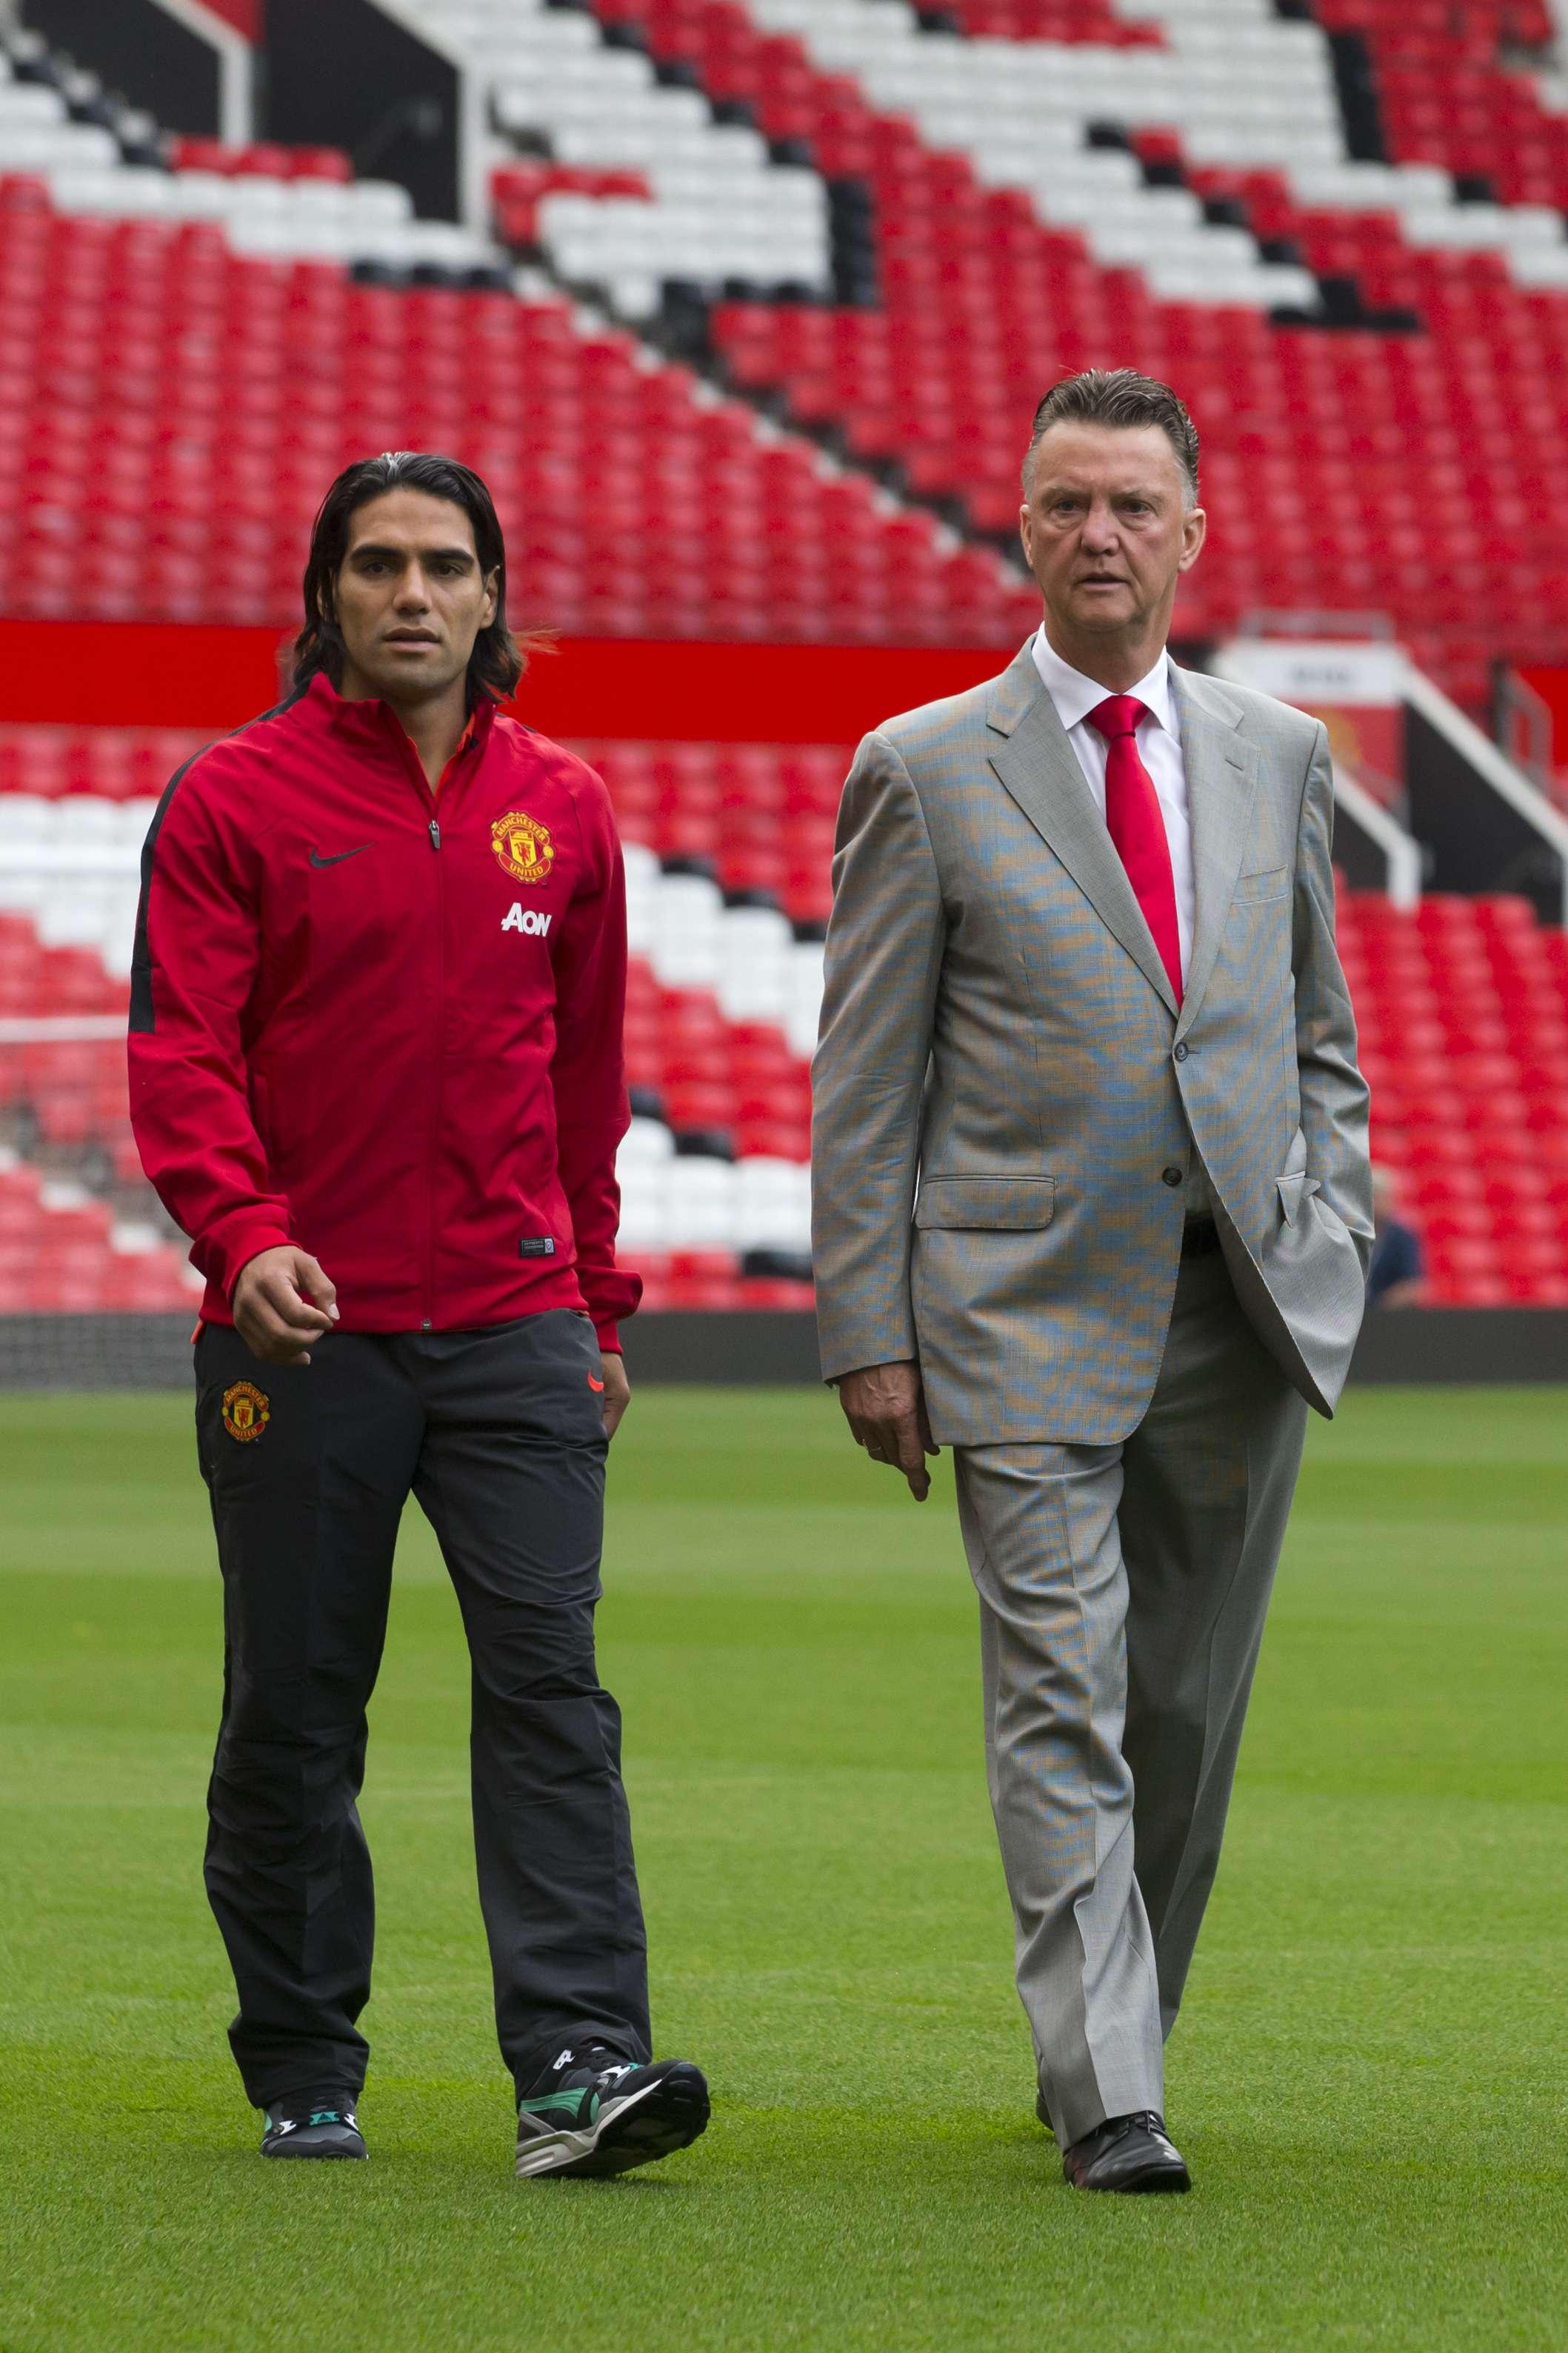 En compañía del director técnico Louis Van Gaal, Manchester United hizo la presentación oficial del colombiano Radamel Falcao y del holandés Daley Blind como jugadores del equipo inglés para la temporada 2014-2015 Foto: AFP en español